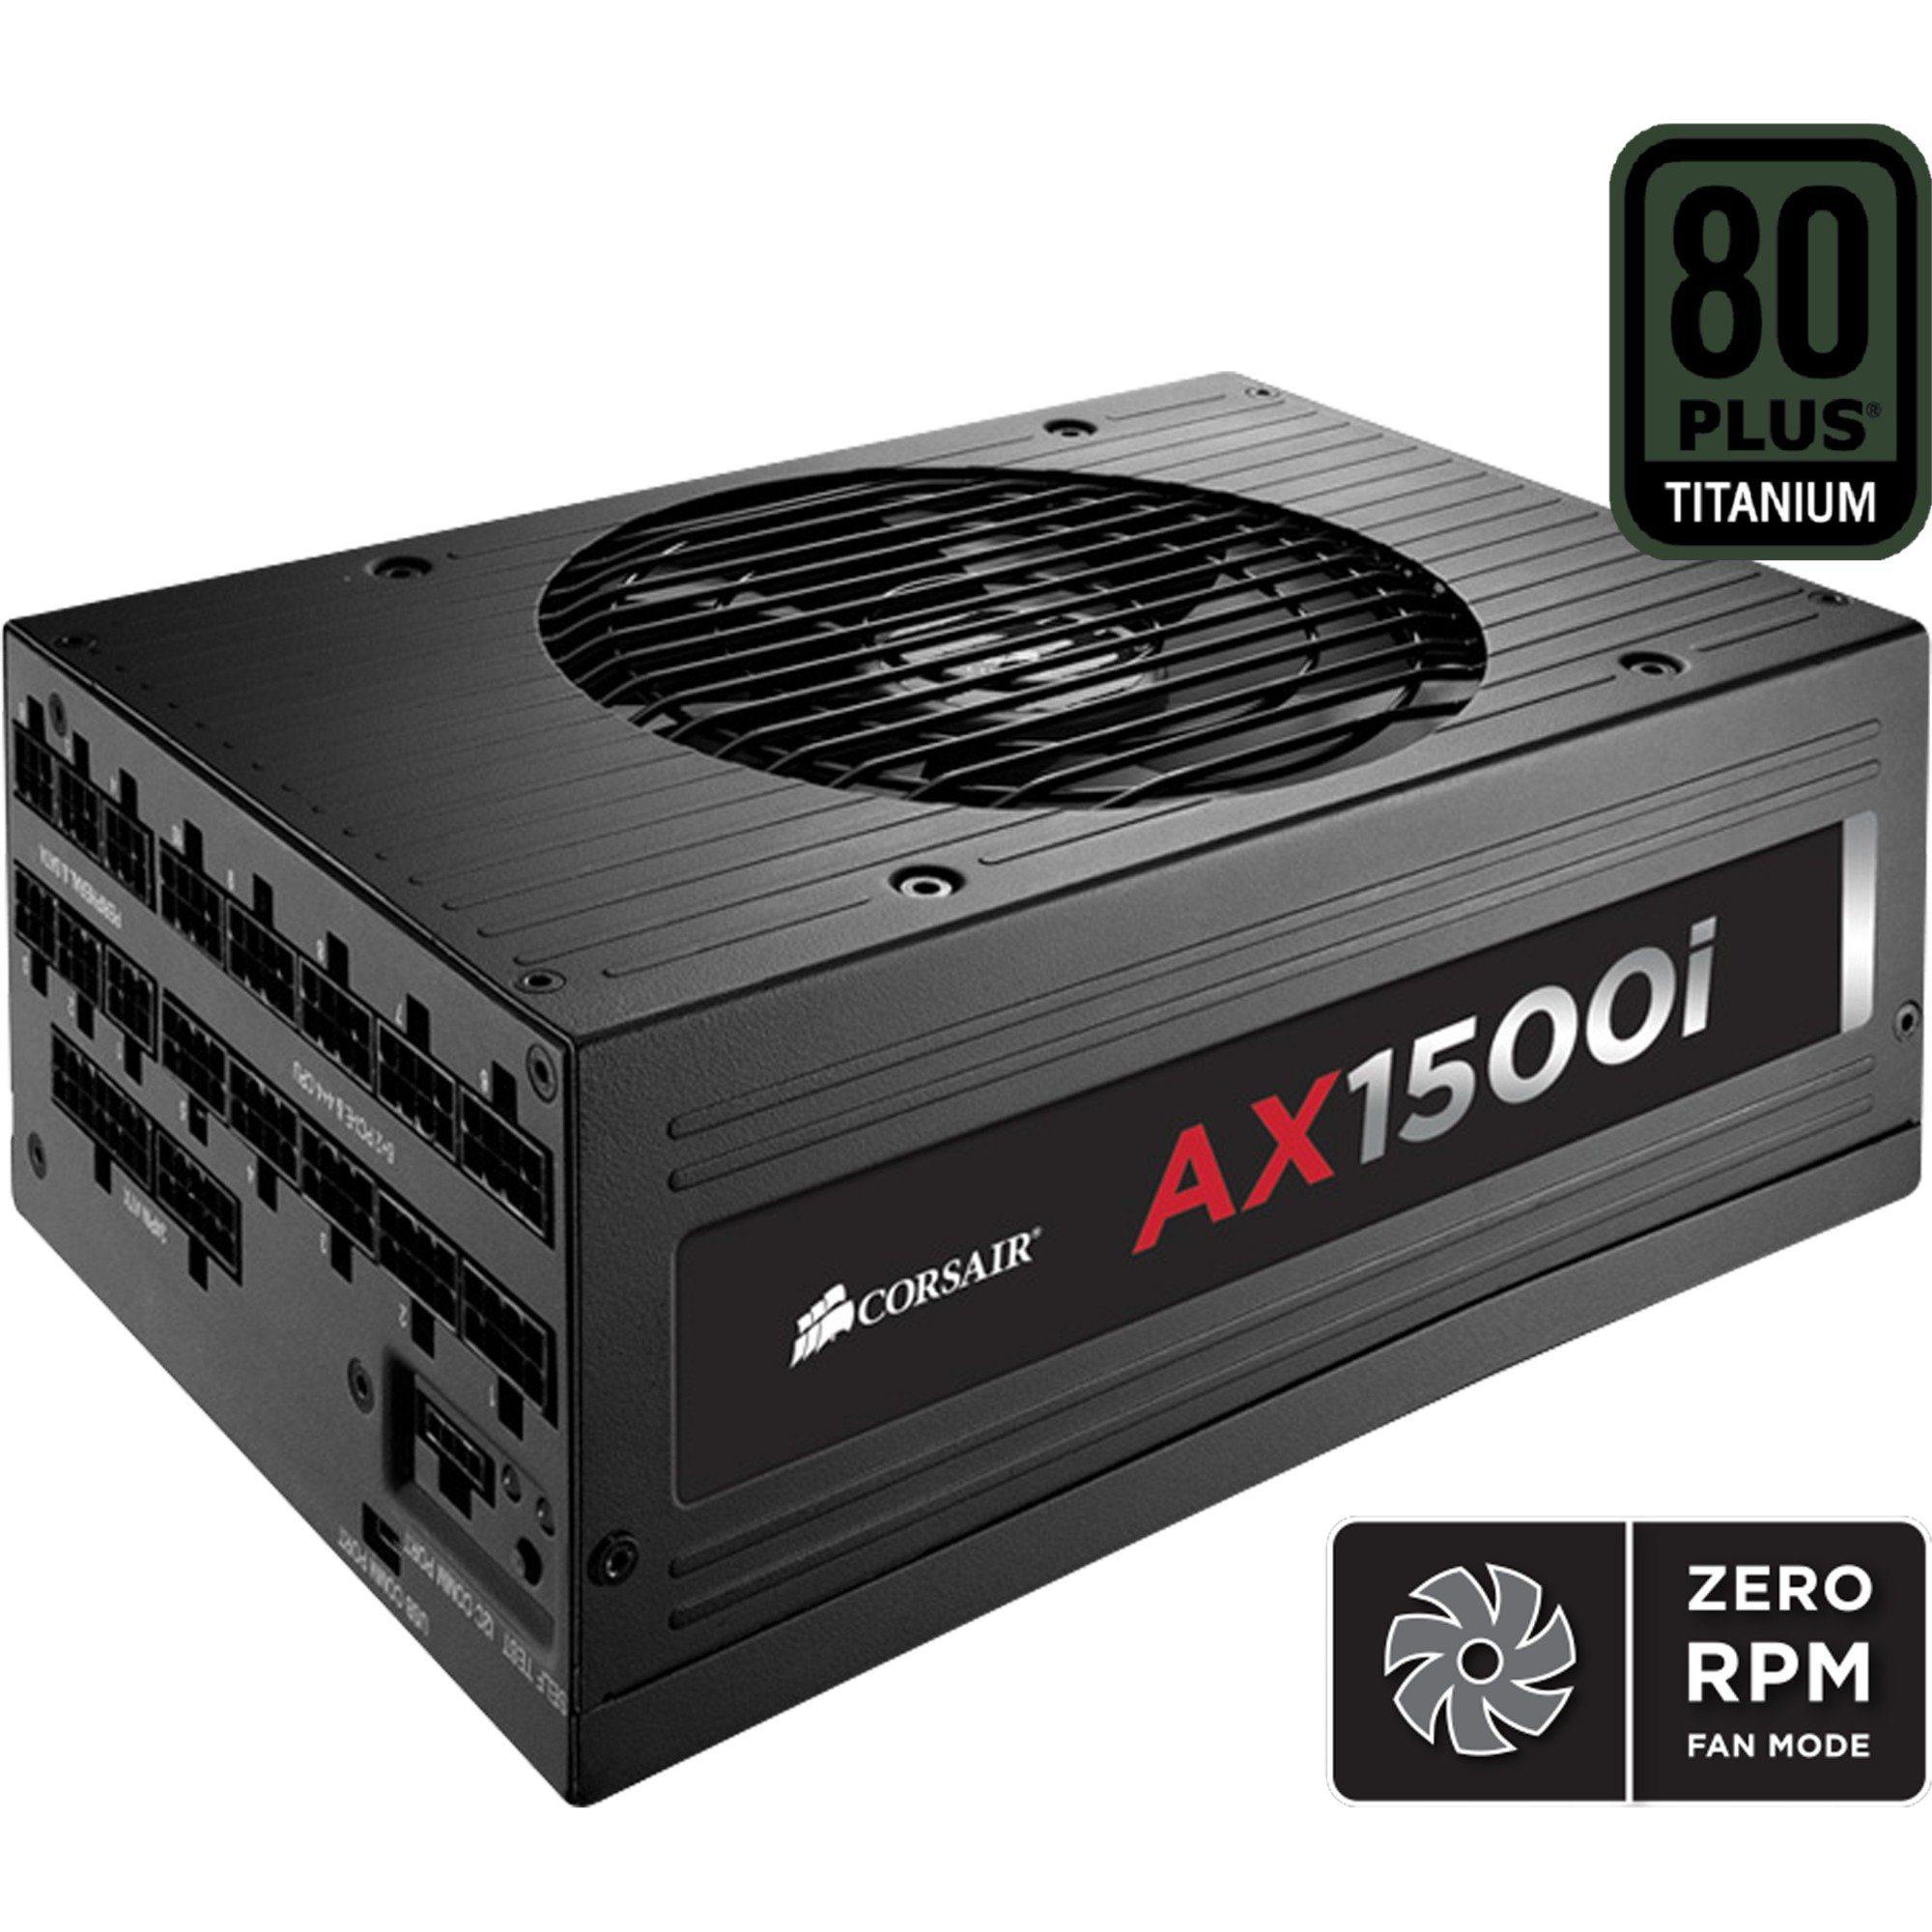 Corsair PC-Netzteil »AX1500i«